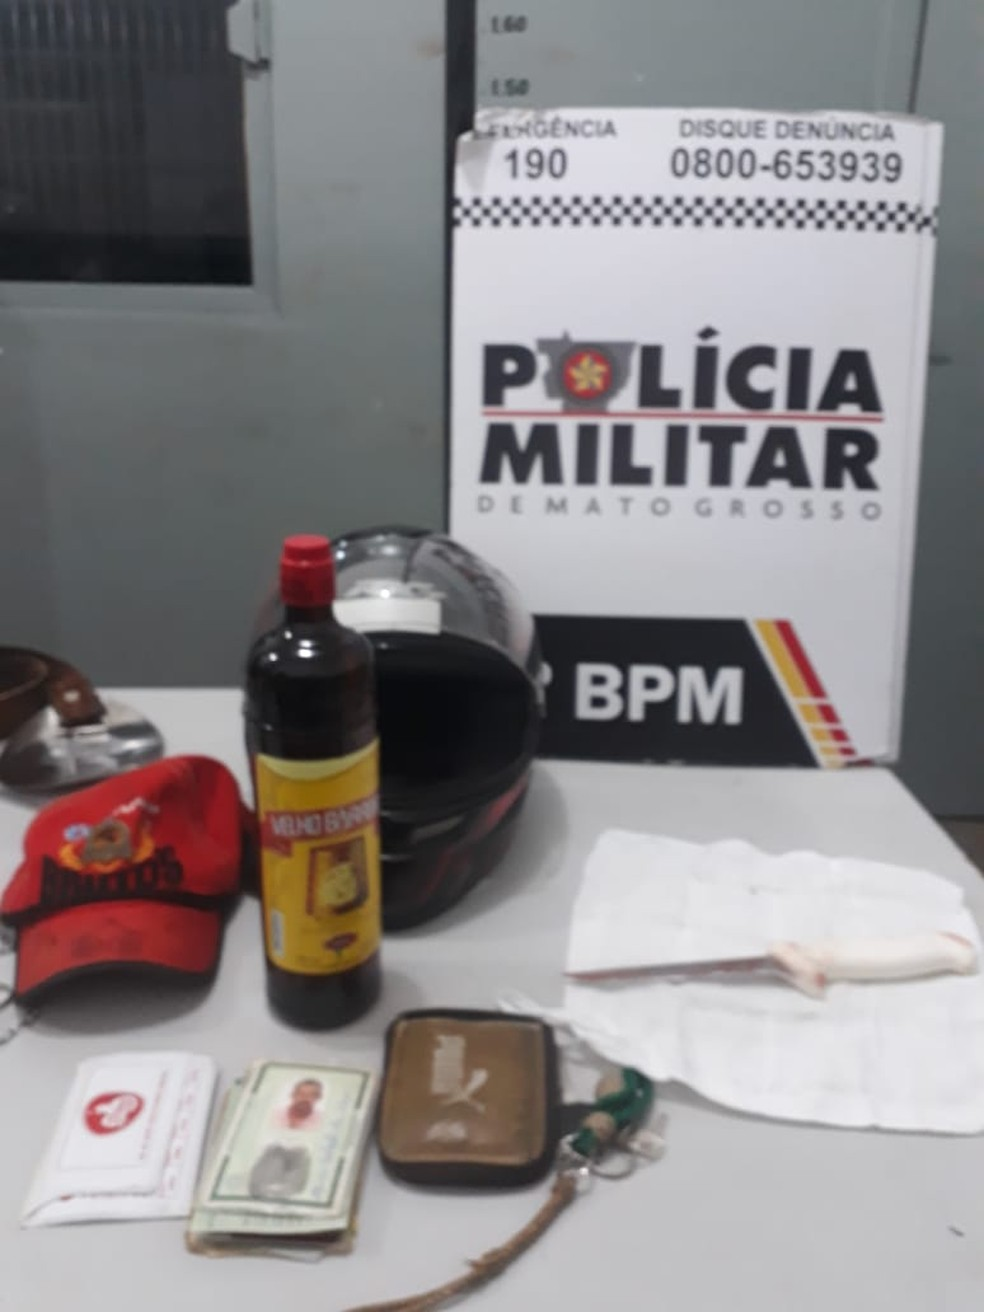 Arma usada no crime foi apreendida — Foto: Polícia Militar de Rondonópolis/Divulgação